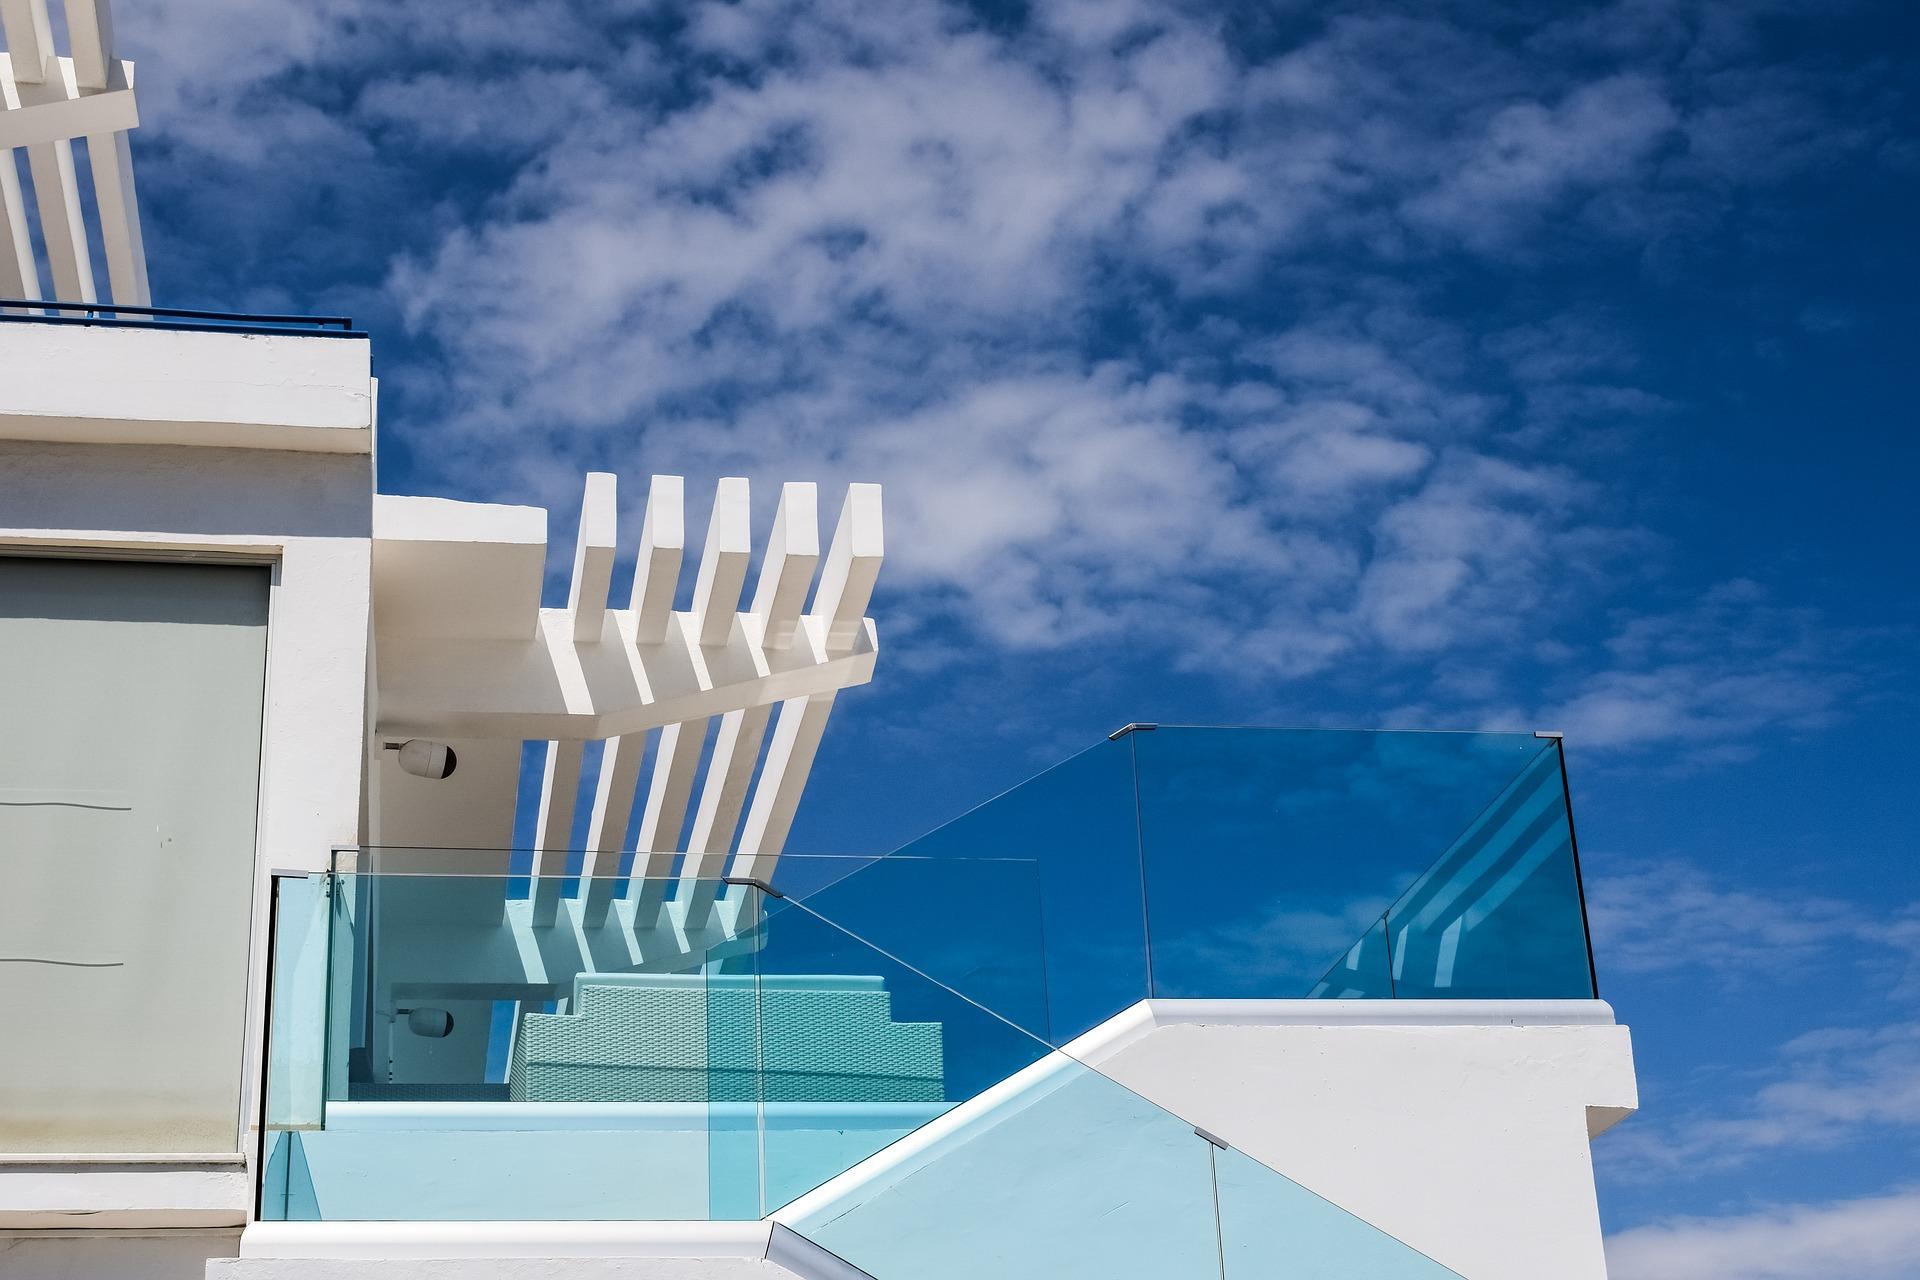 Balkon - Schöne Aussichten auch für Ihre Immobilie mit Termin Bau Halle